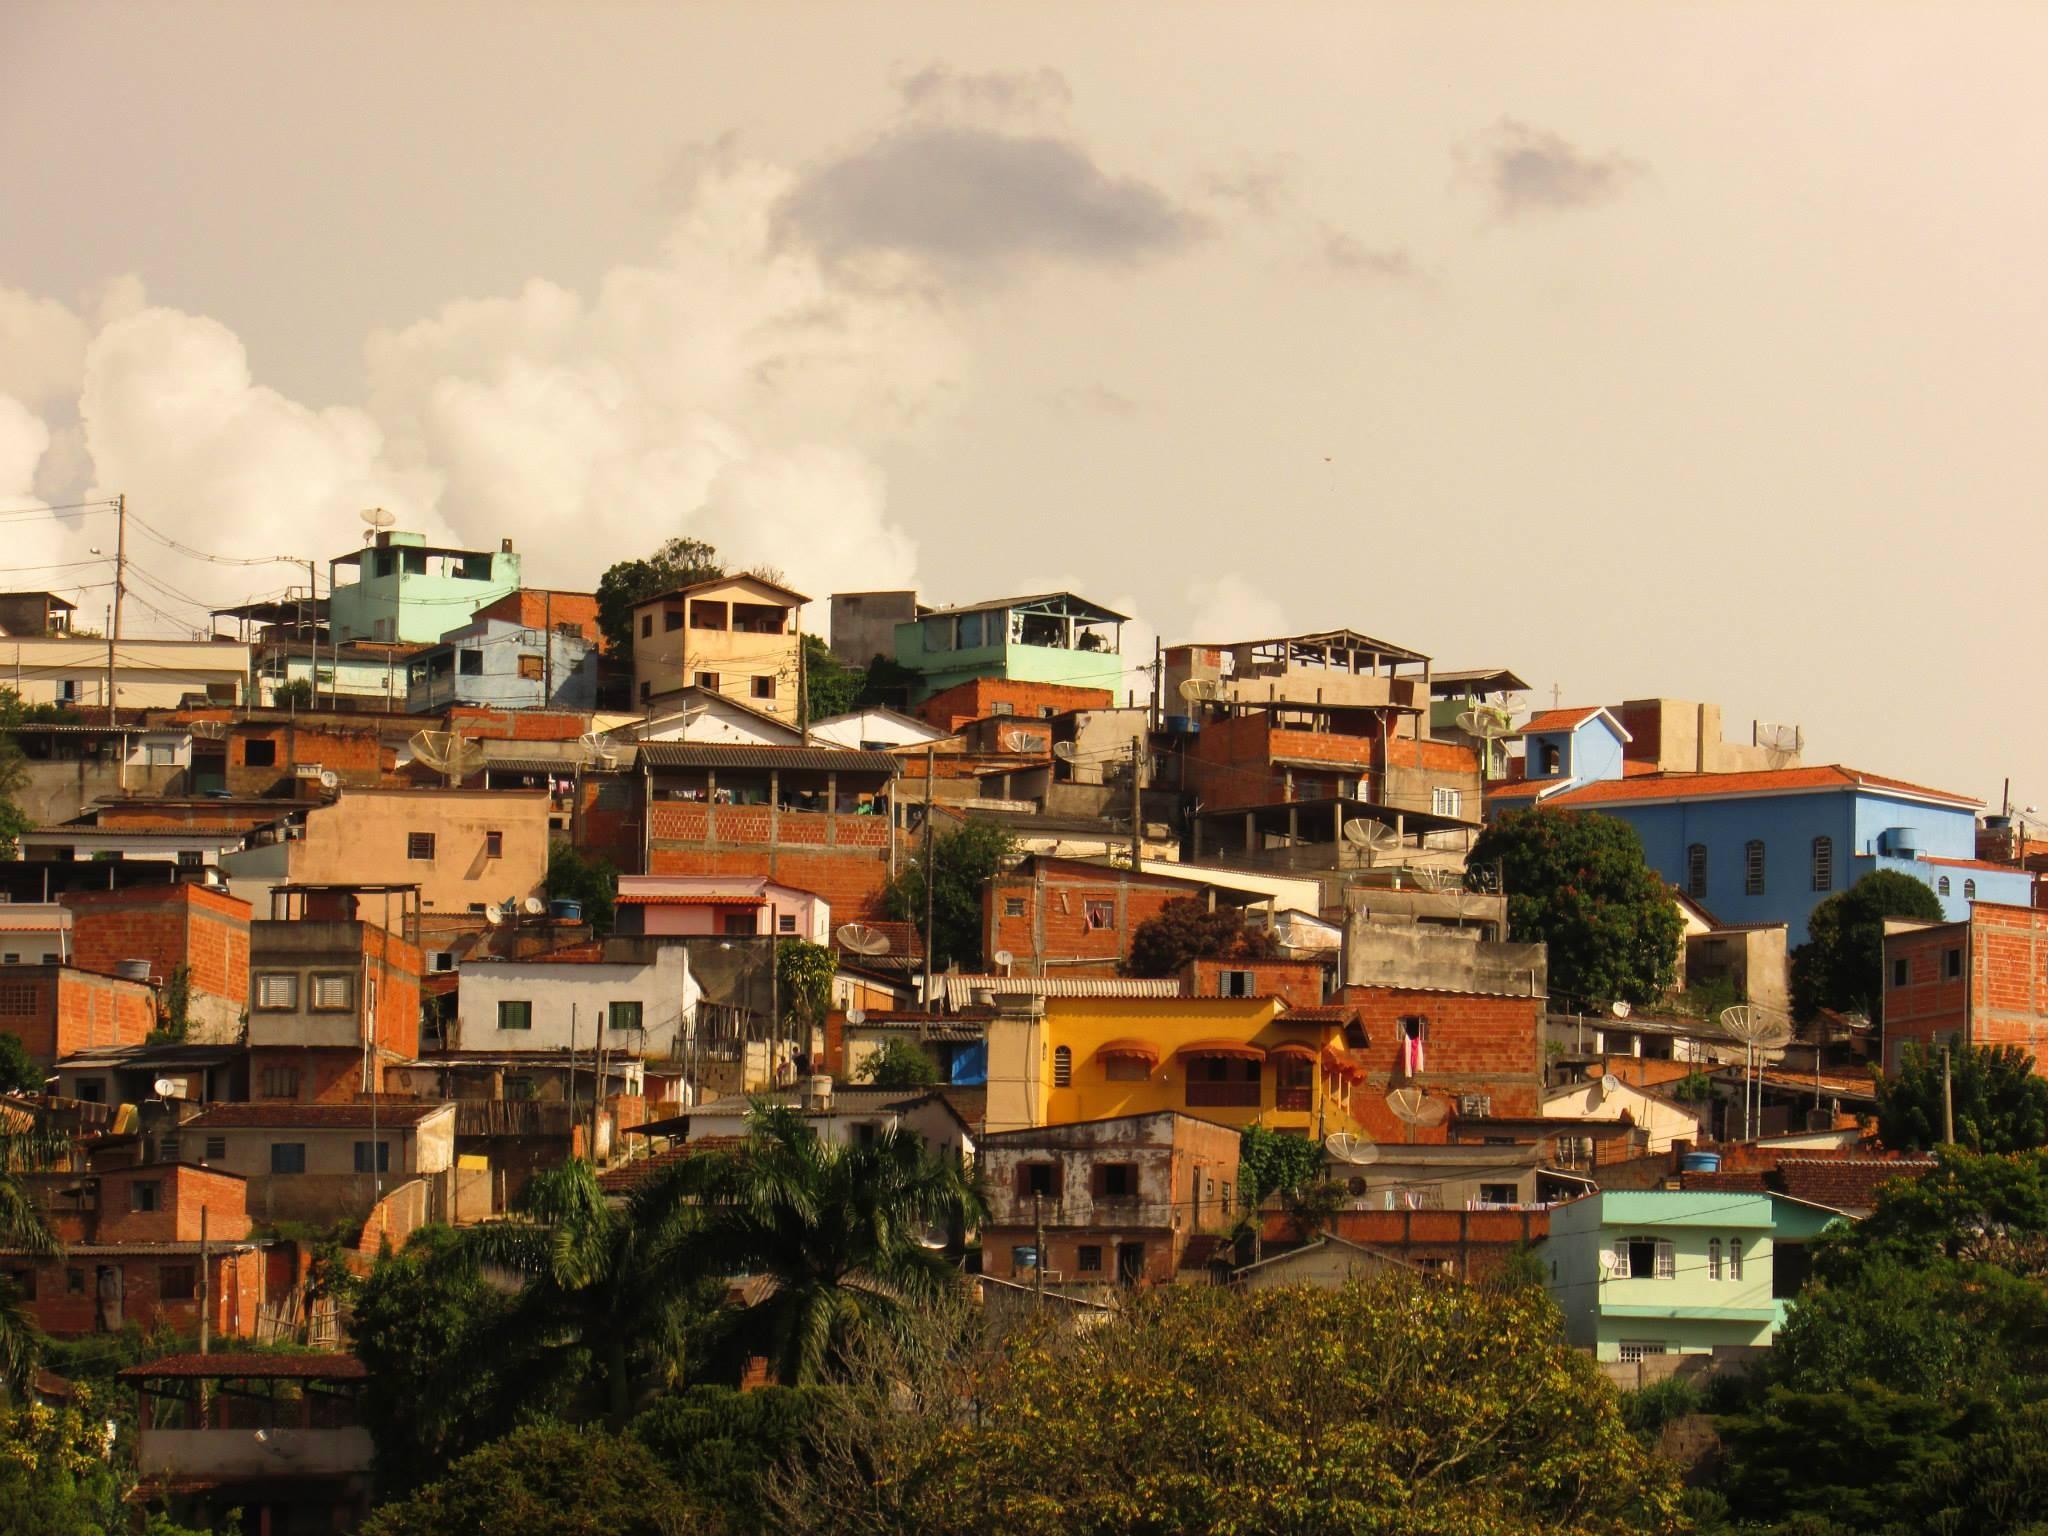 Caxambu by Livia L Barbosa